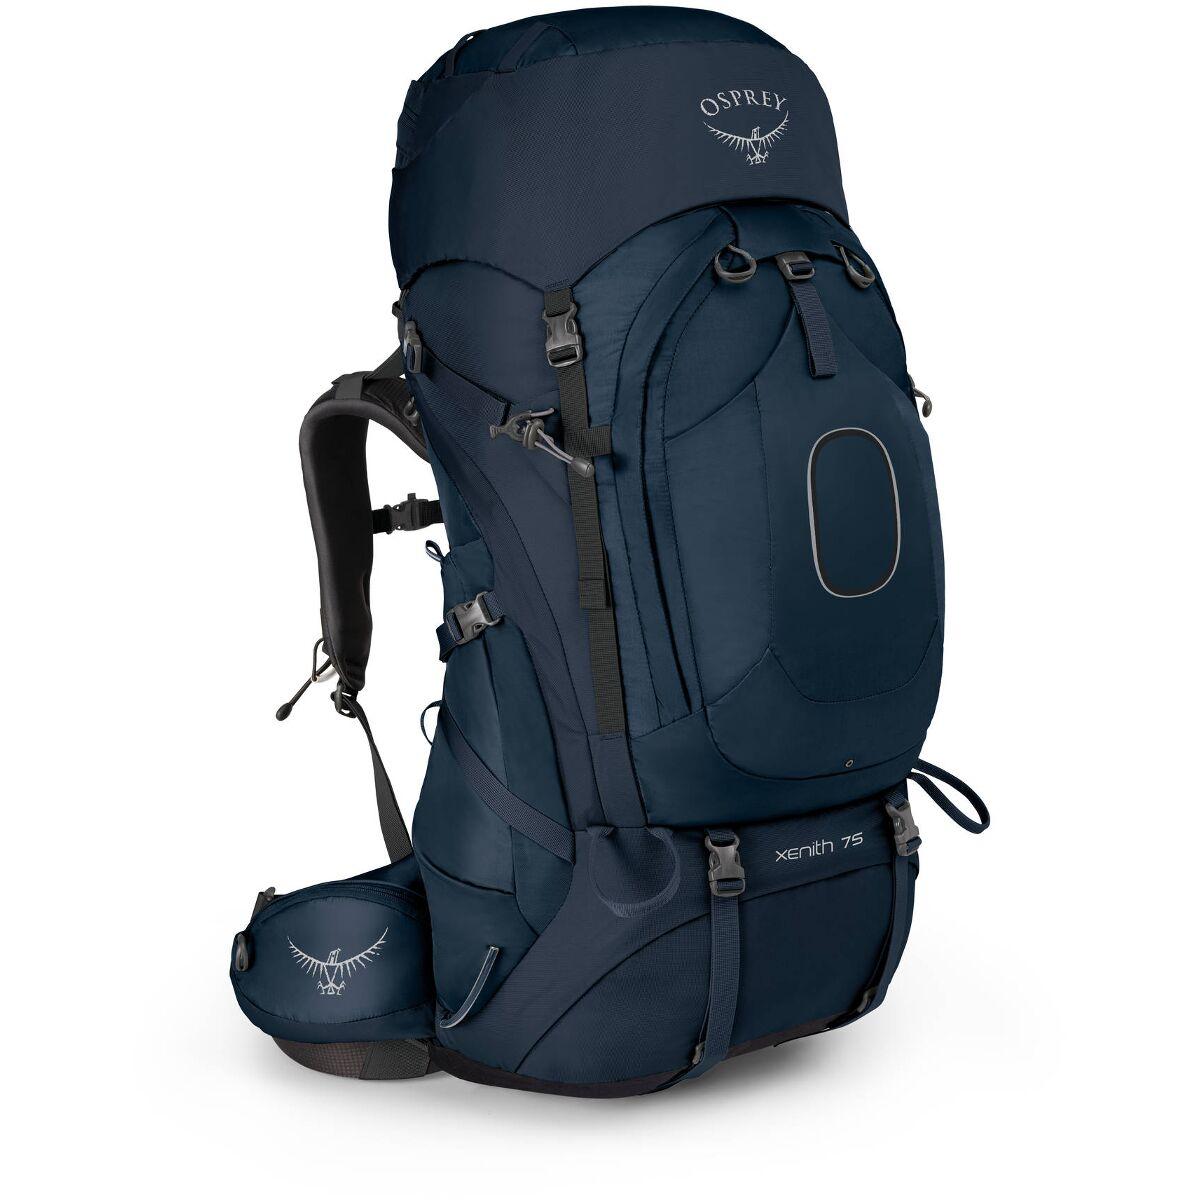 Рюкзак какого объема у вас рюкзак retki arctic 55 olive